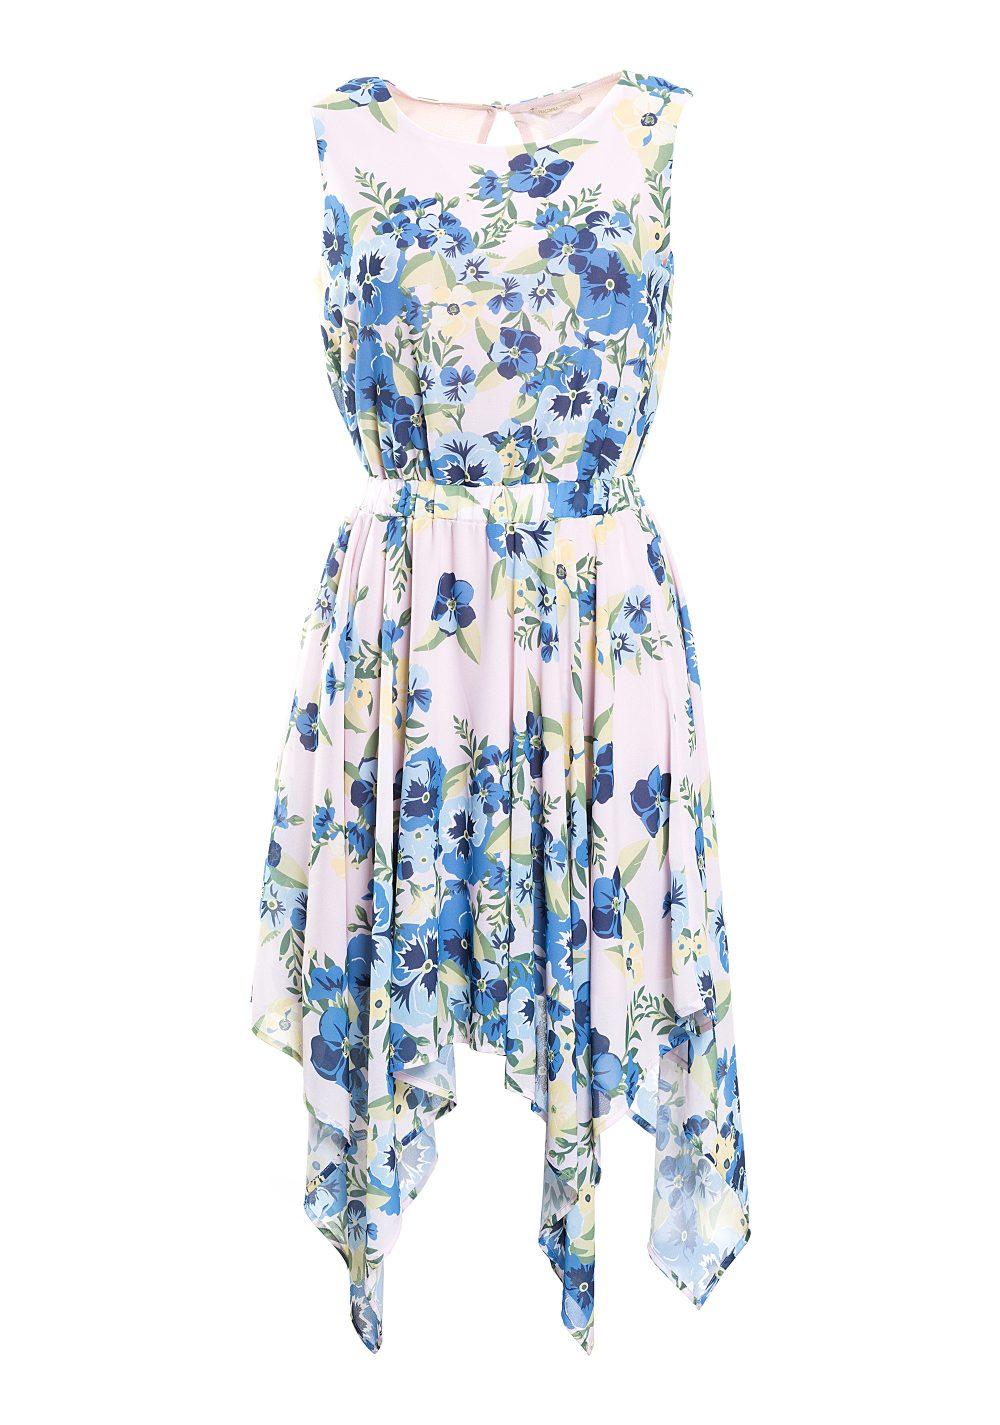 la moda in primavera